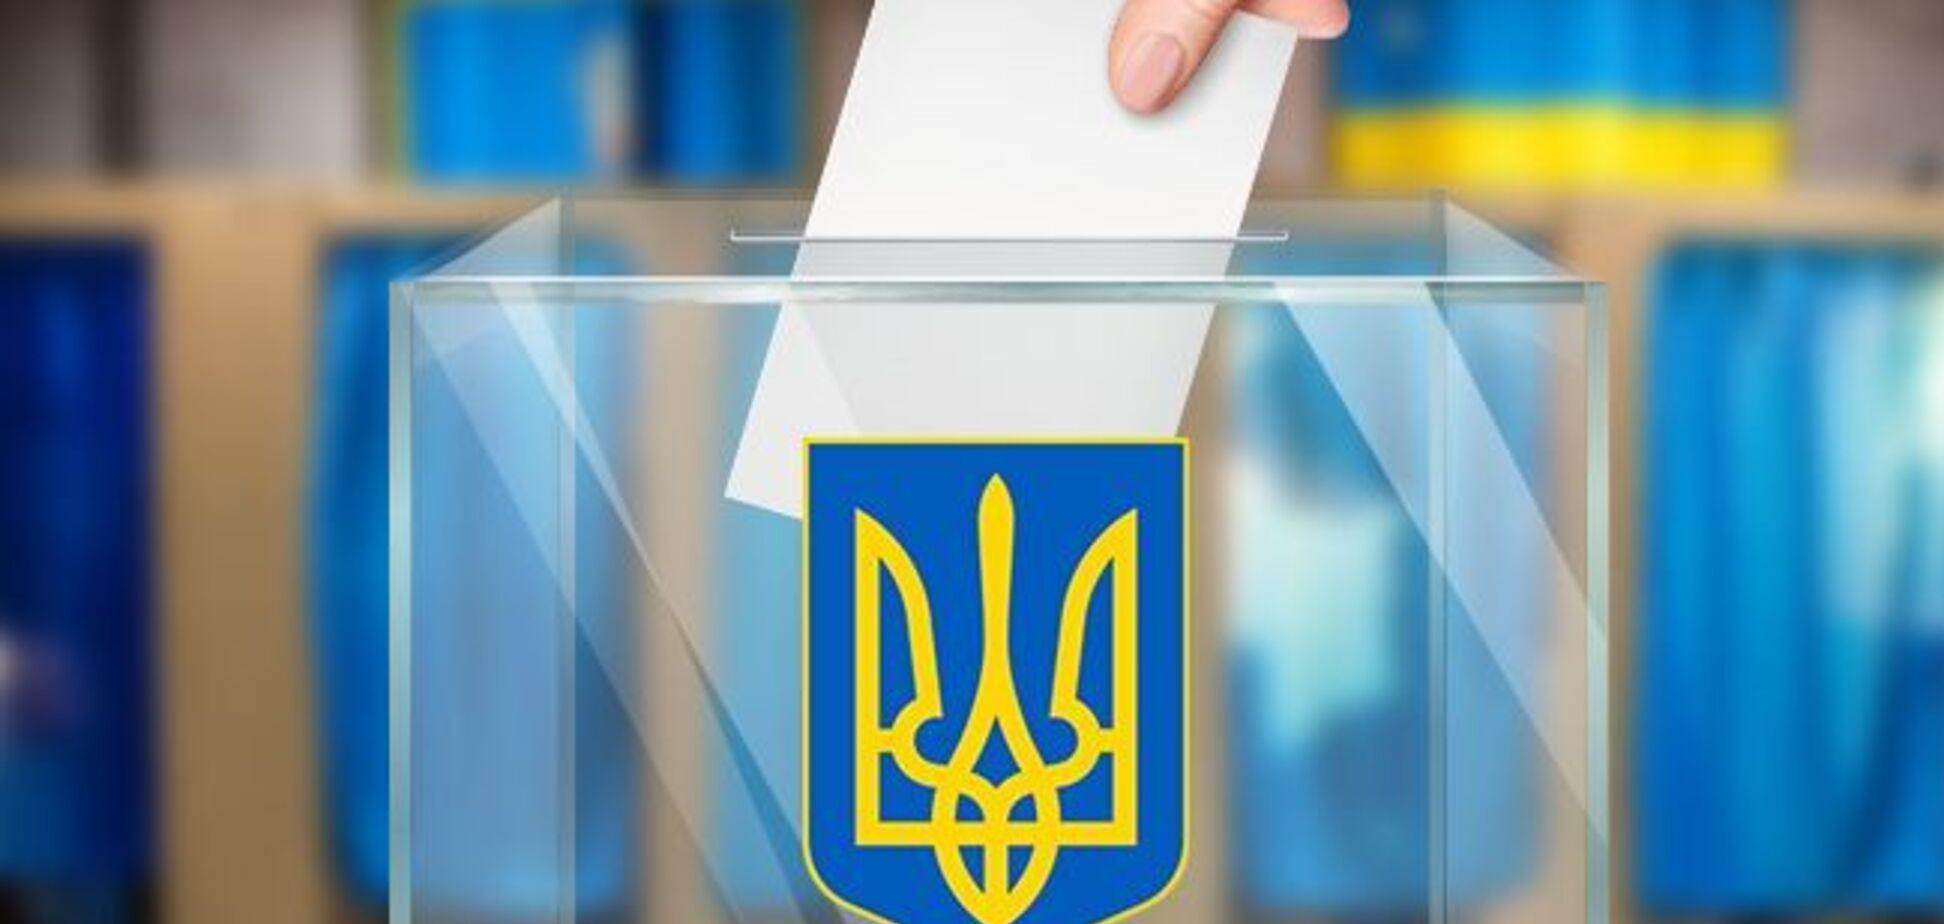 Впервые в Украине: ЦИК устроила настоящую 'революцию' перед выборами